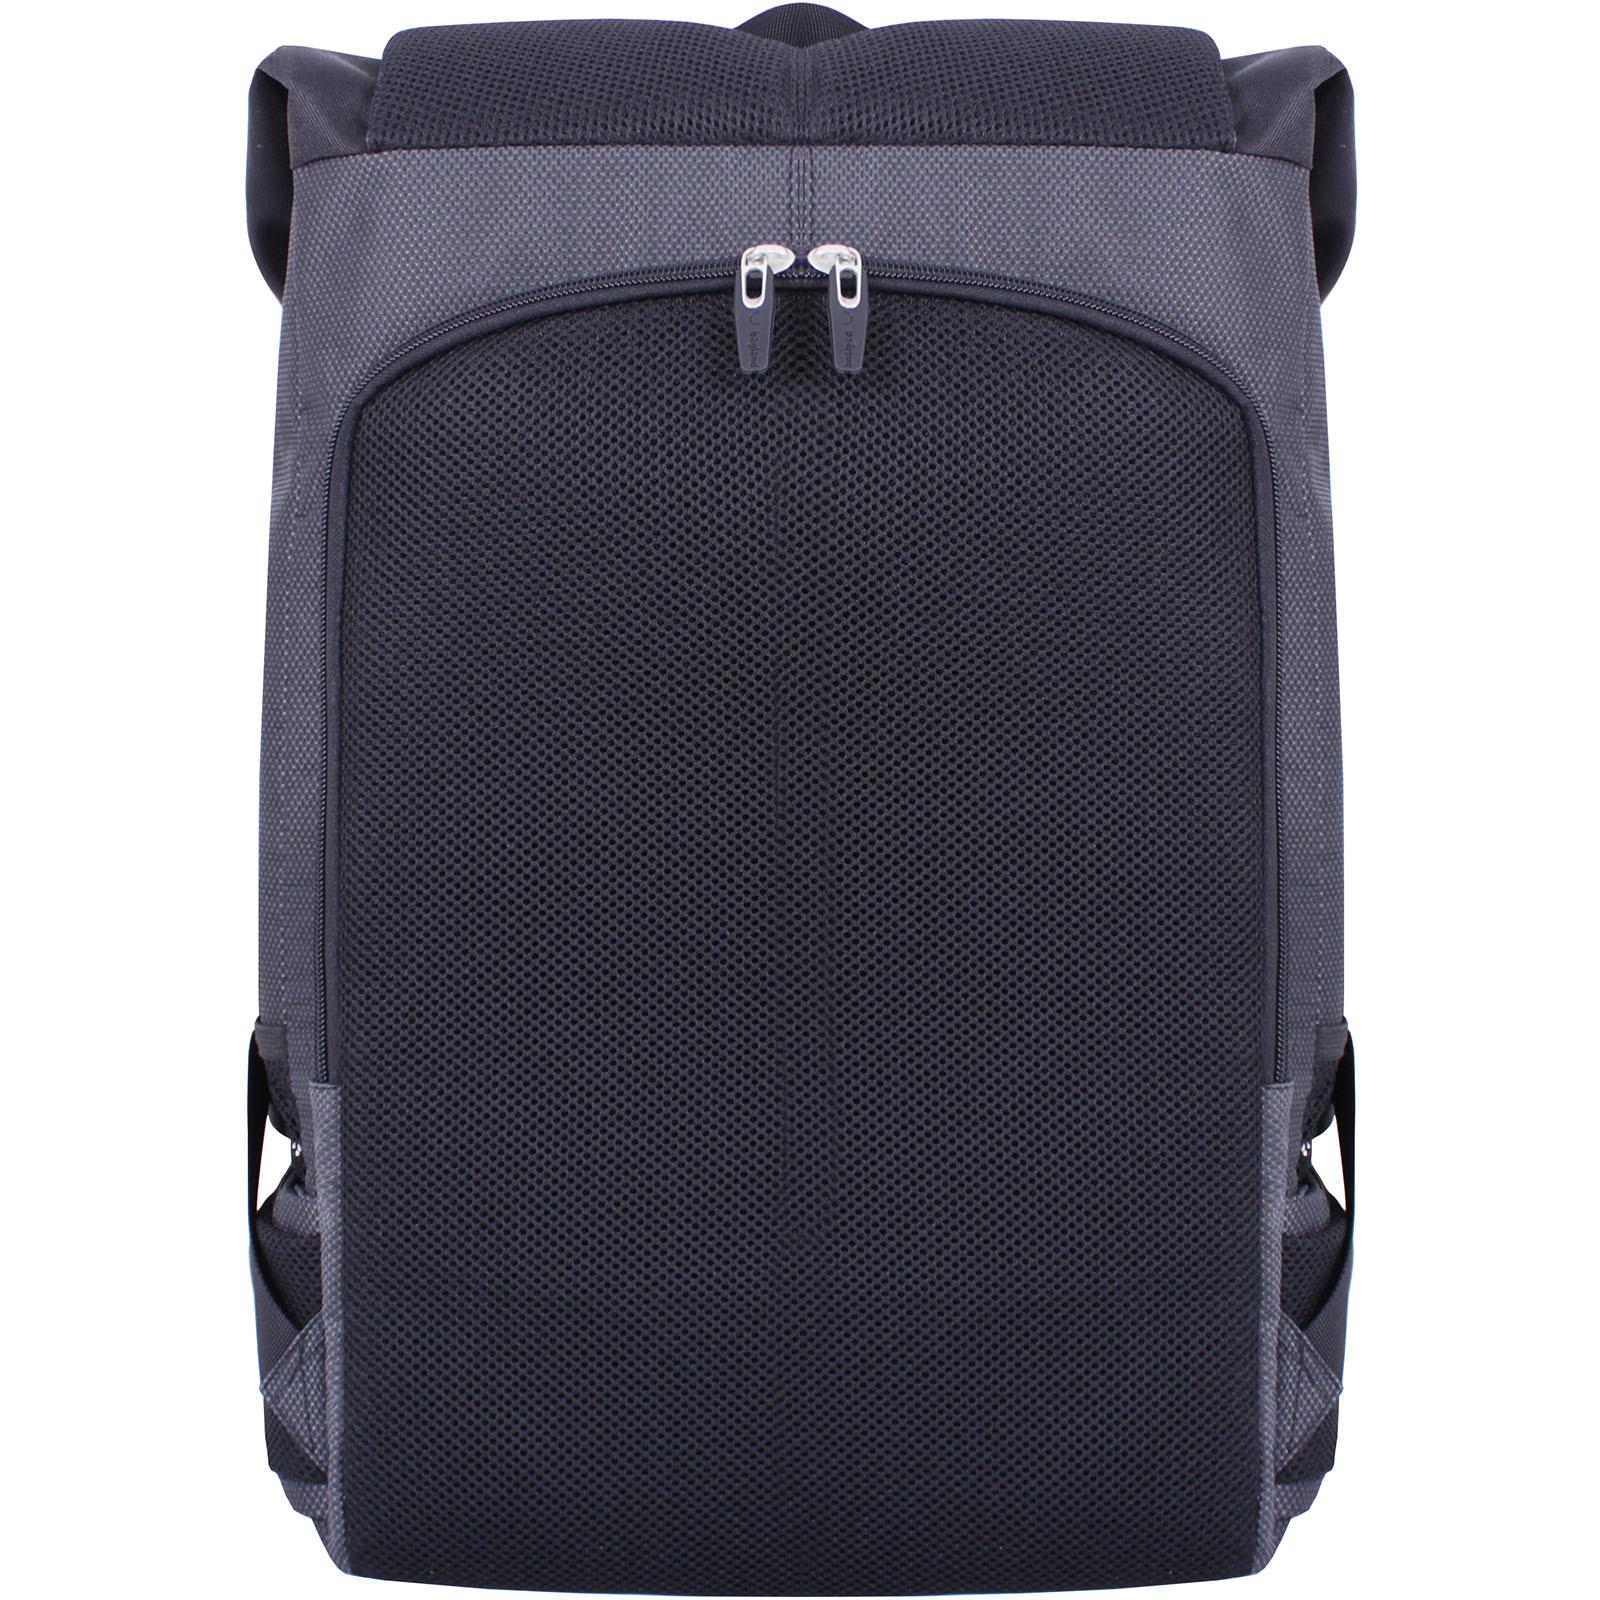 Рюкзак для ноутбука Bagland Roll 21 л. Чёрный (00156169) фото 7